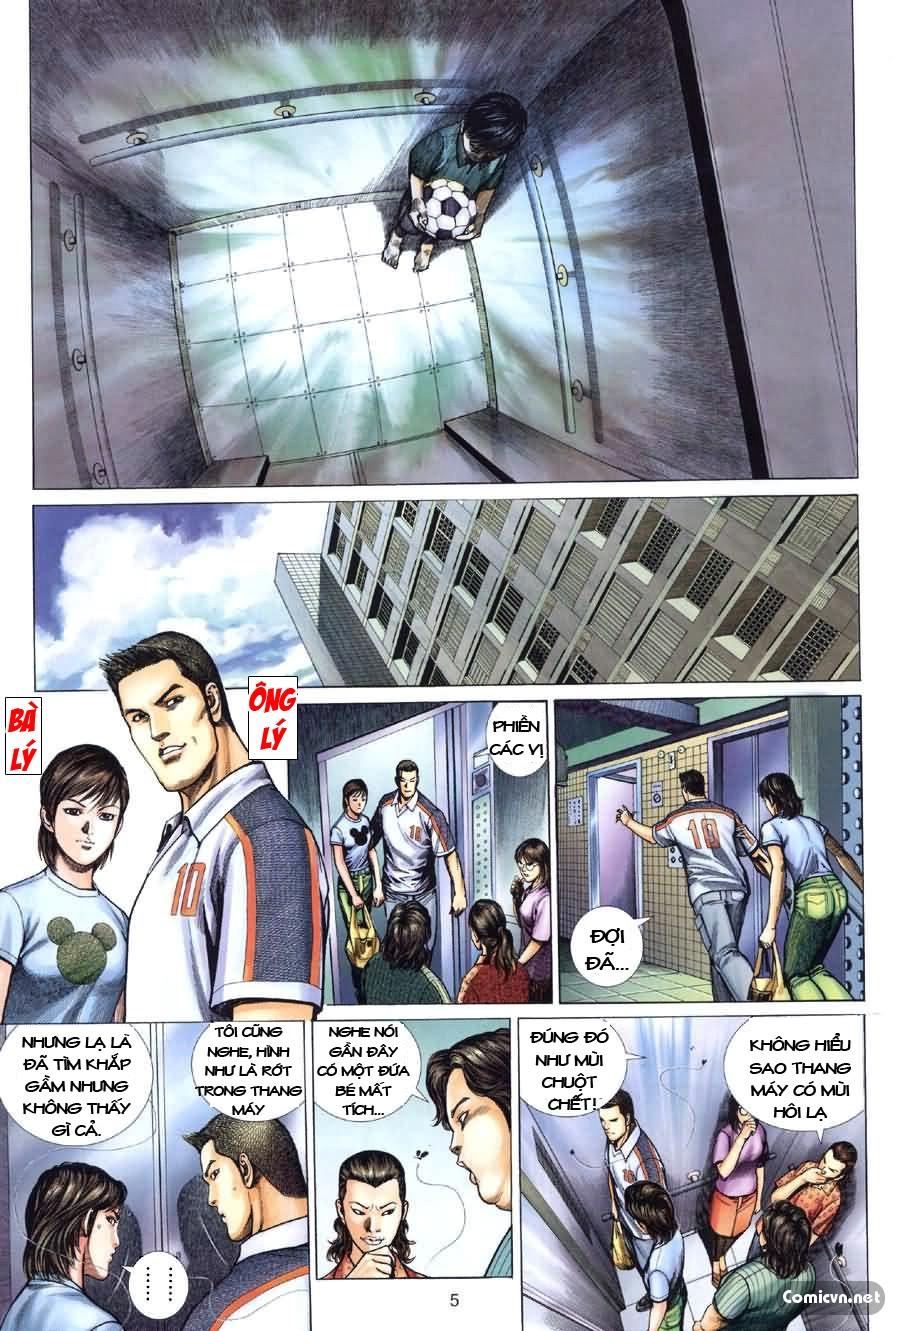 Quỷ Mộ chap 002 trang 5